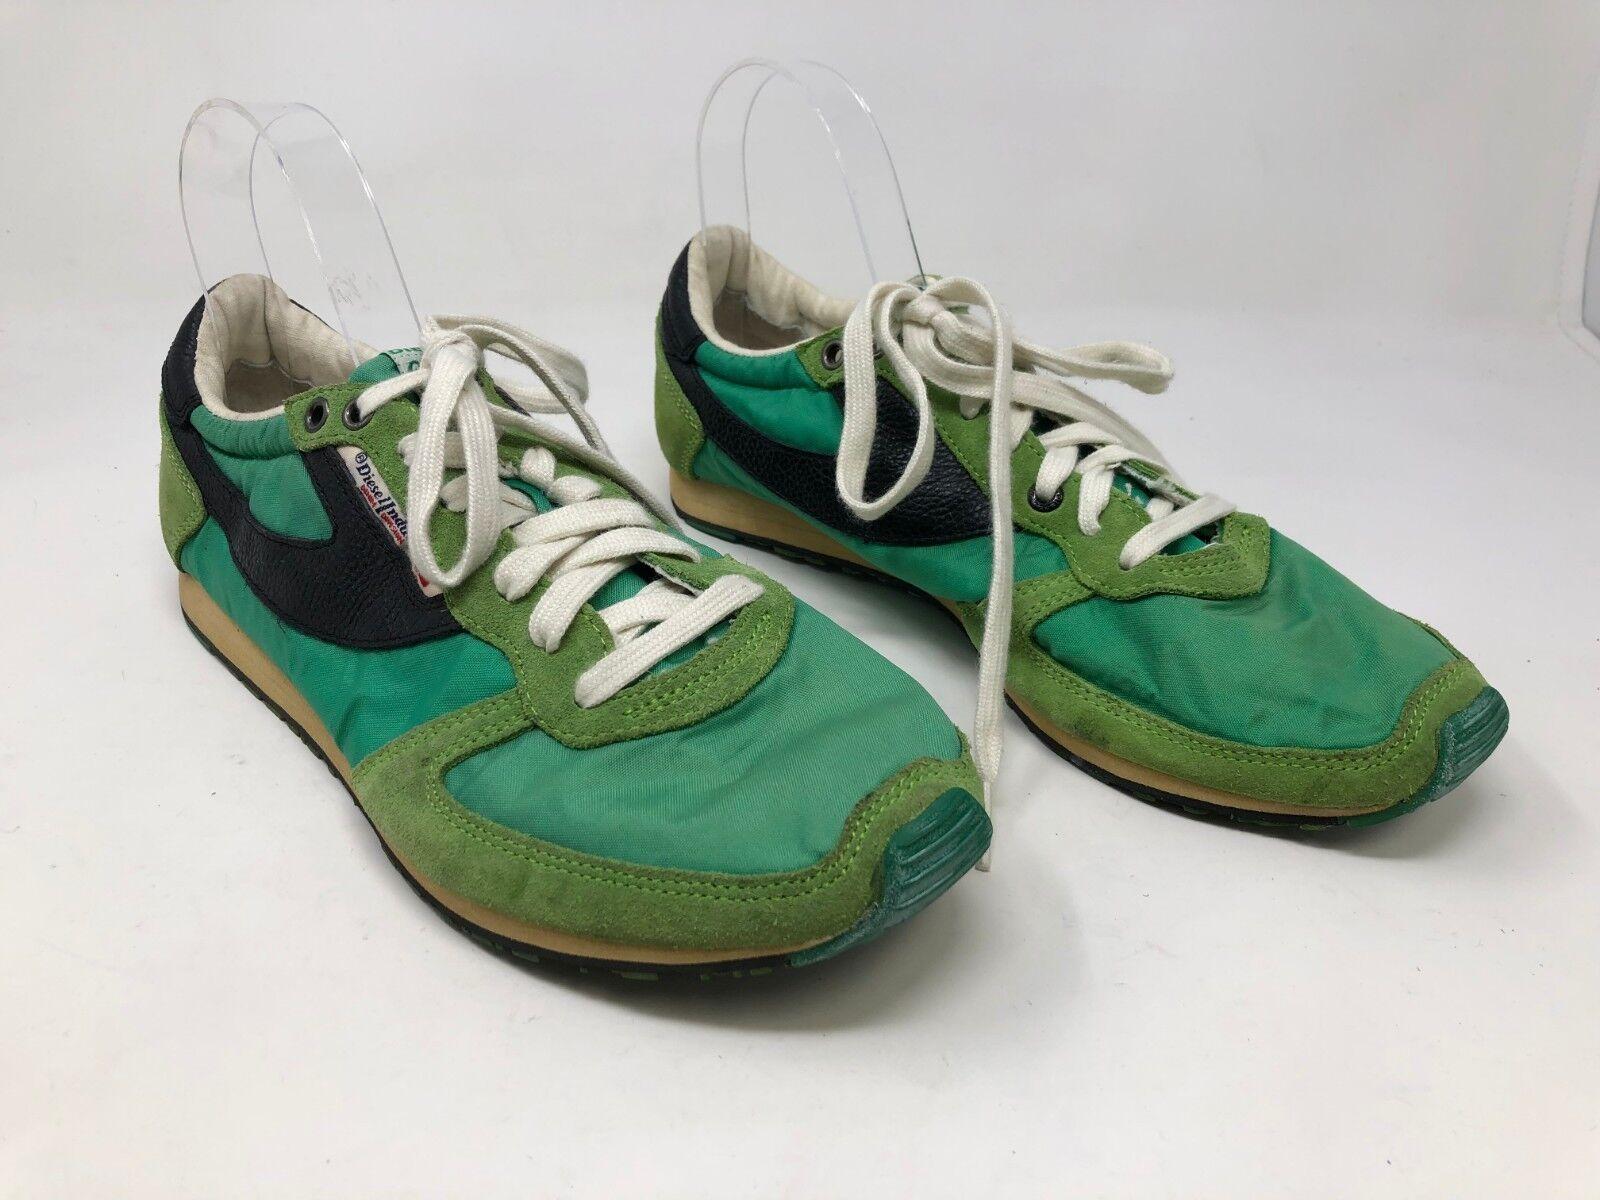 f7df7215 con defecto para hombres Diesel Industry RN93243 verde Negro 67S Nuevo  zapatos nqvvie4624-Zapatillas deportivas